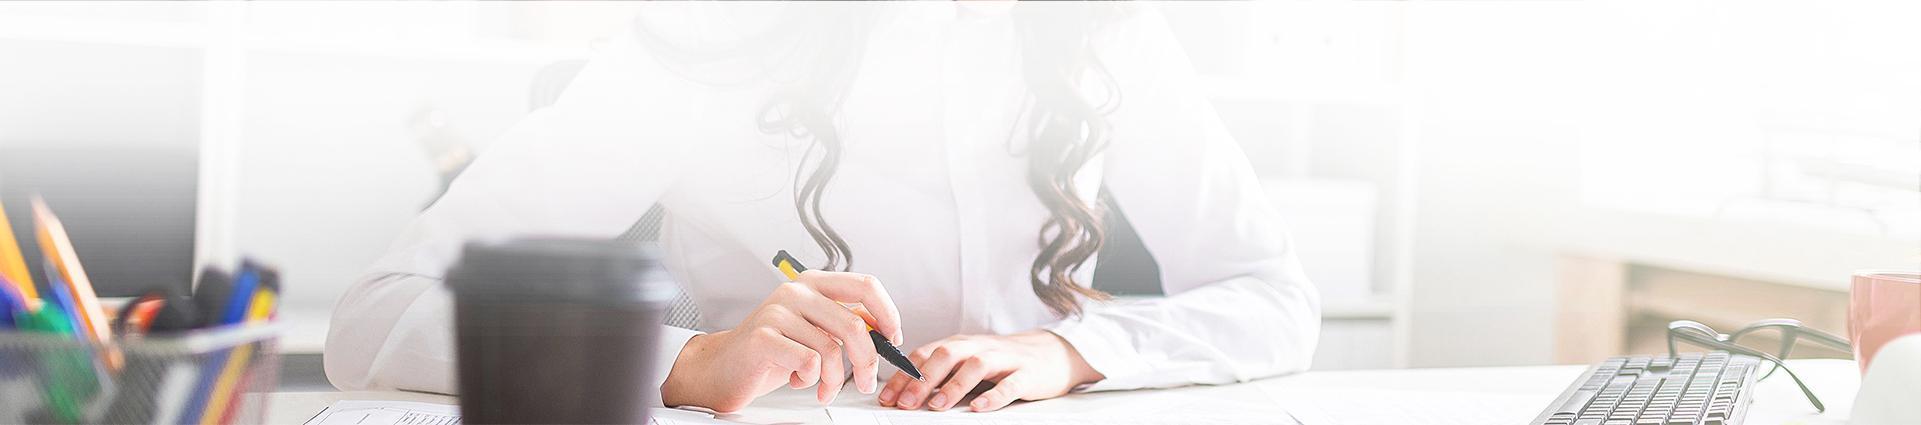 Pracownik biura rachunkowego oblicza podatek